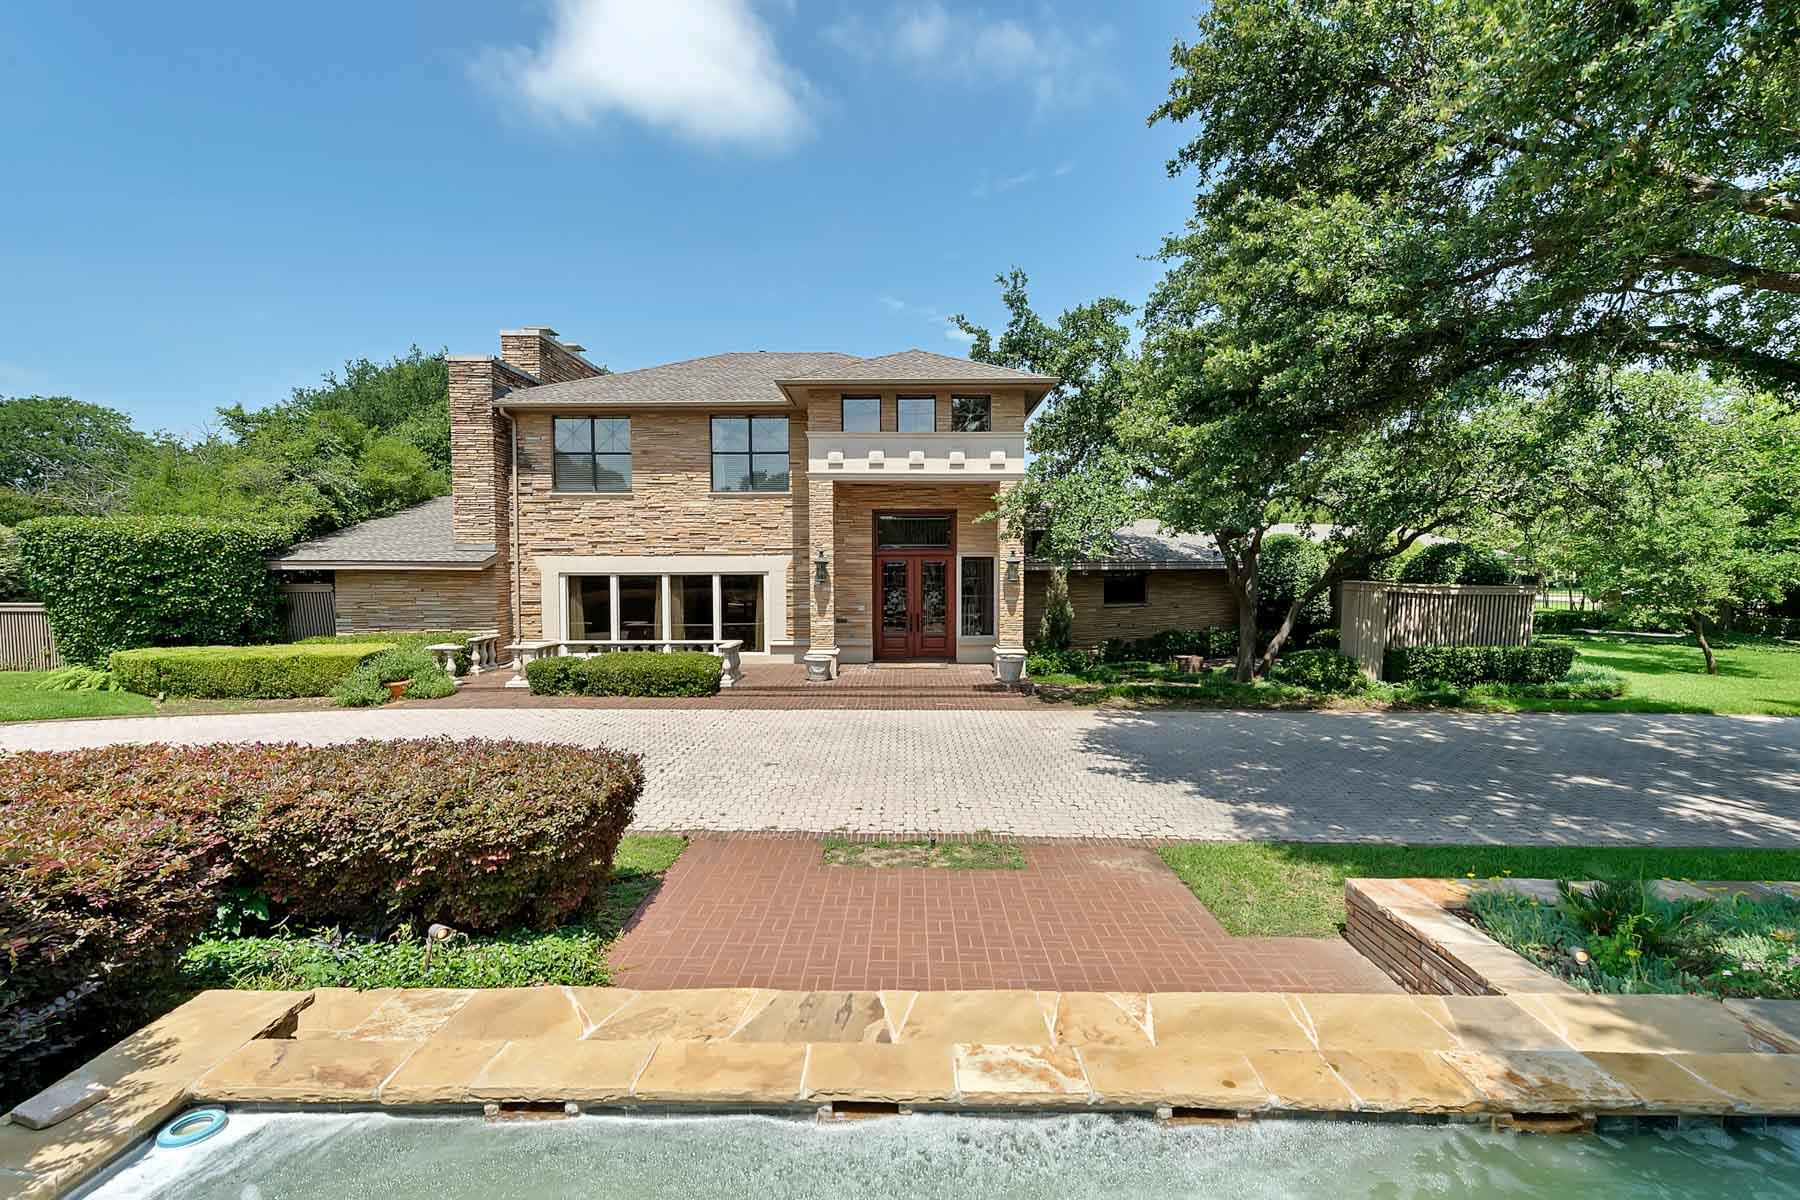 独户住宅 为 销售 在 Traditional, Westcliff 3809 Encanto Dr 沃斯堡市, 得克萨斯州, 76109 美国